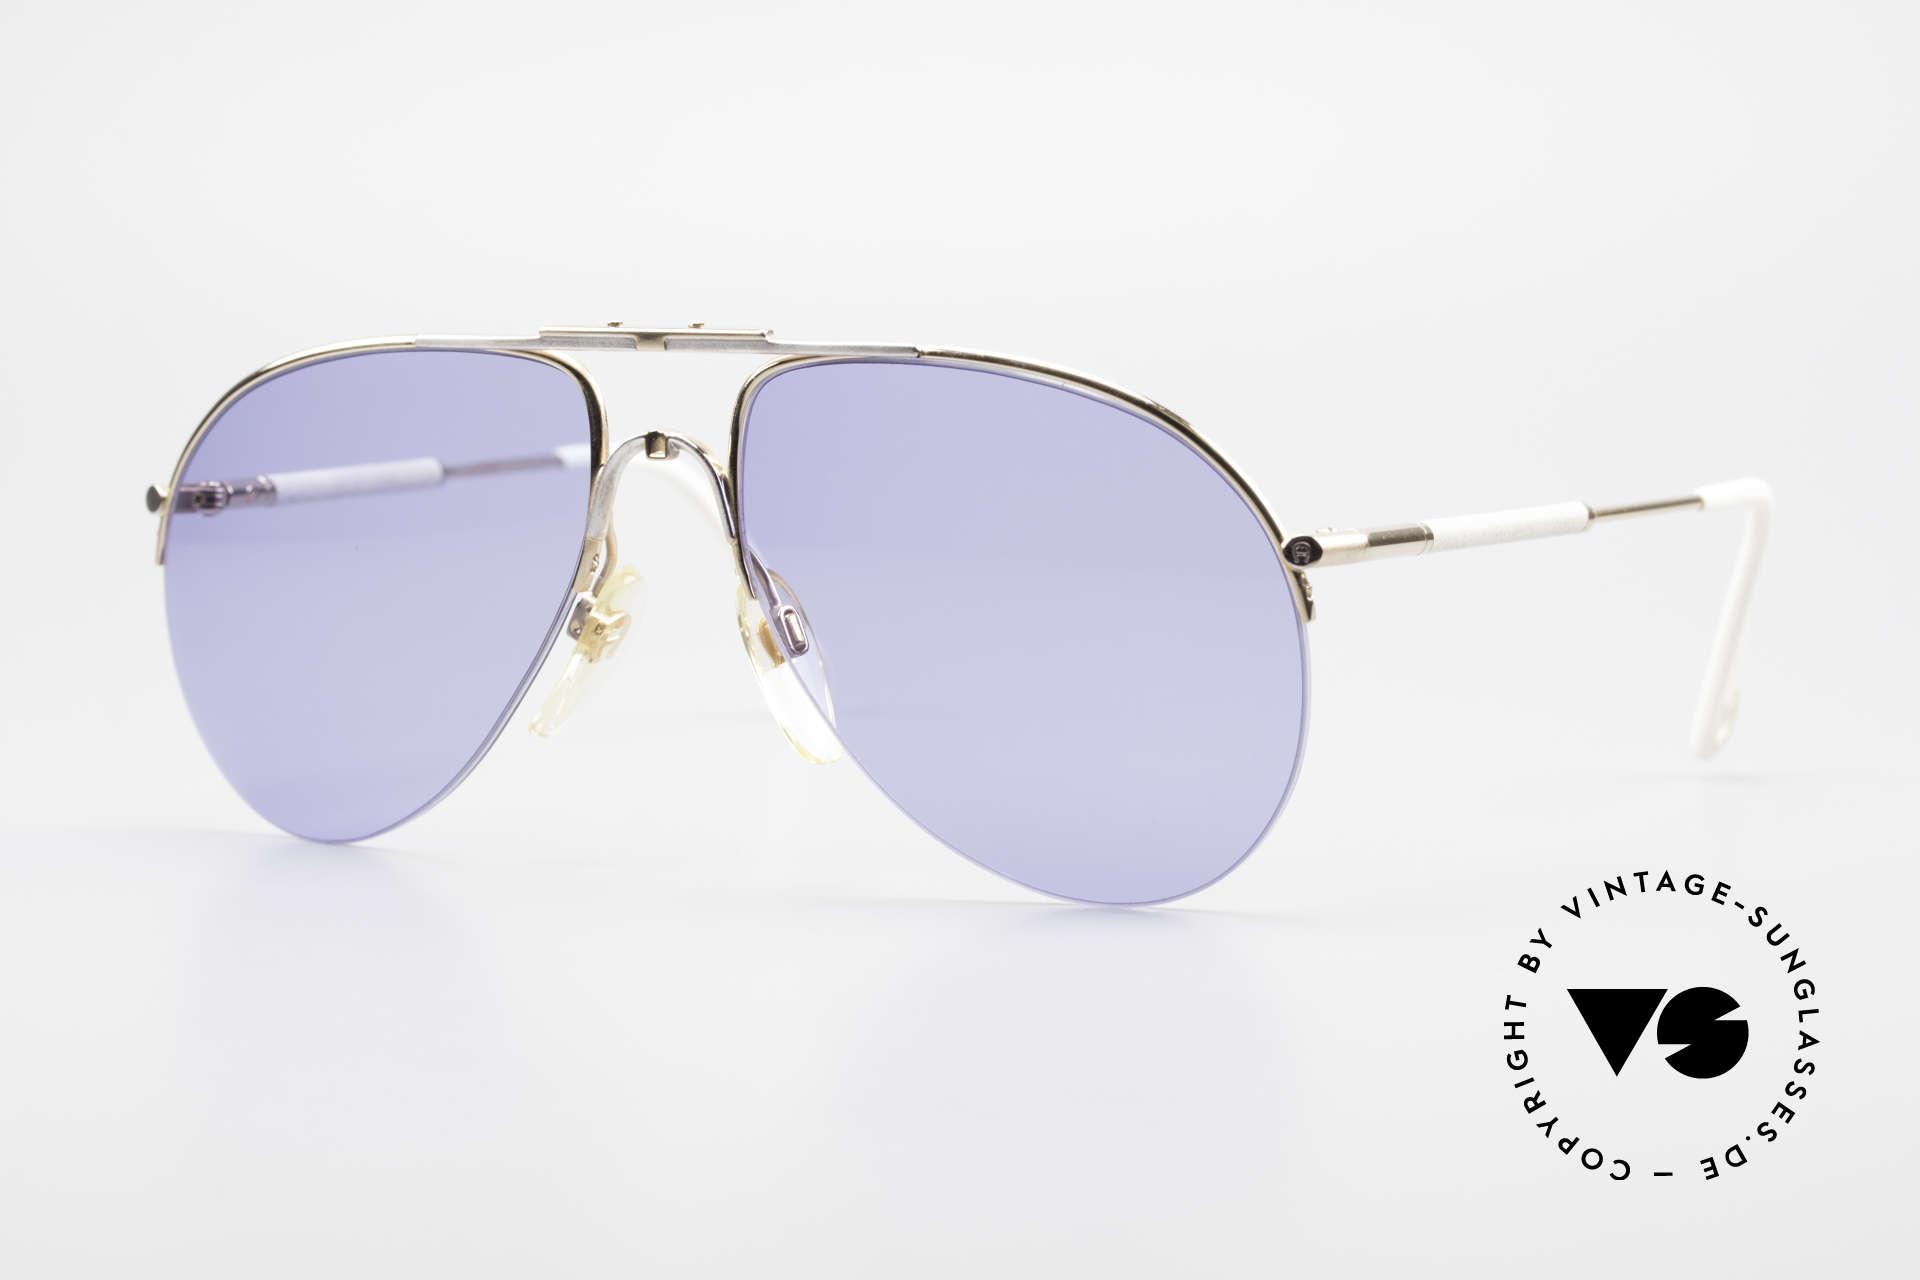 Aigner EA2 Rare 80's Vintage Sunglasses, Etienne Aigner VINTAGE designer sunglasses of the 80's, Made for Men and Women